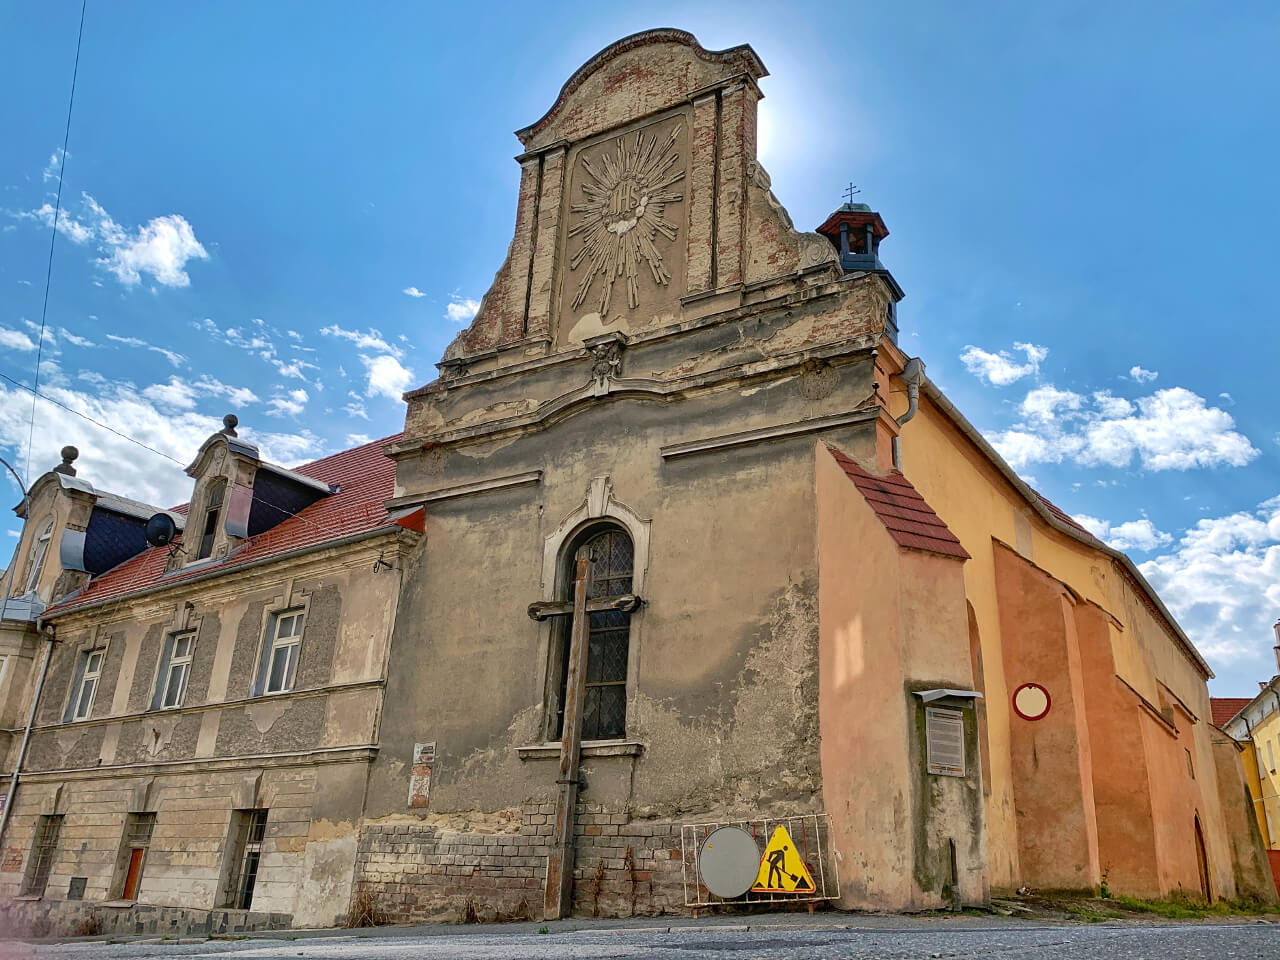 Cerkiew kościół św. Jerzego co warto zobaczyć